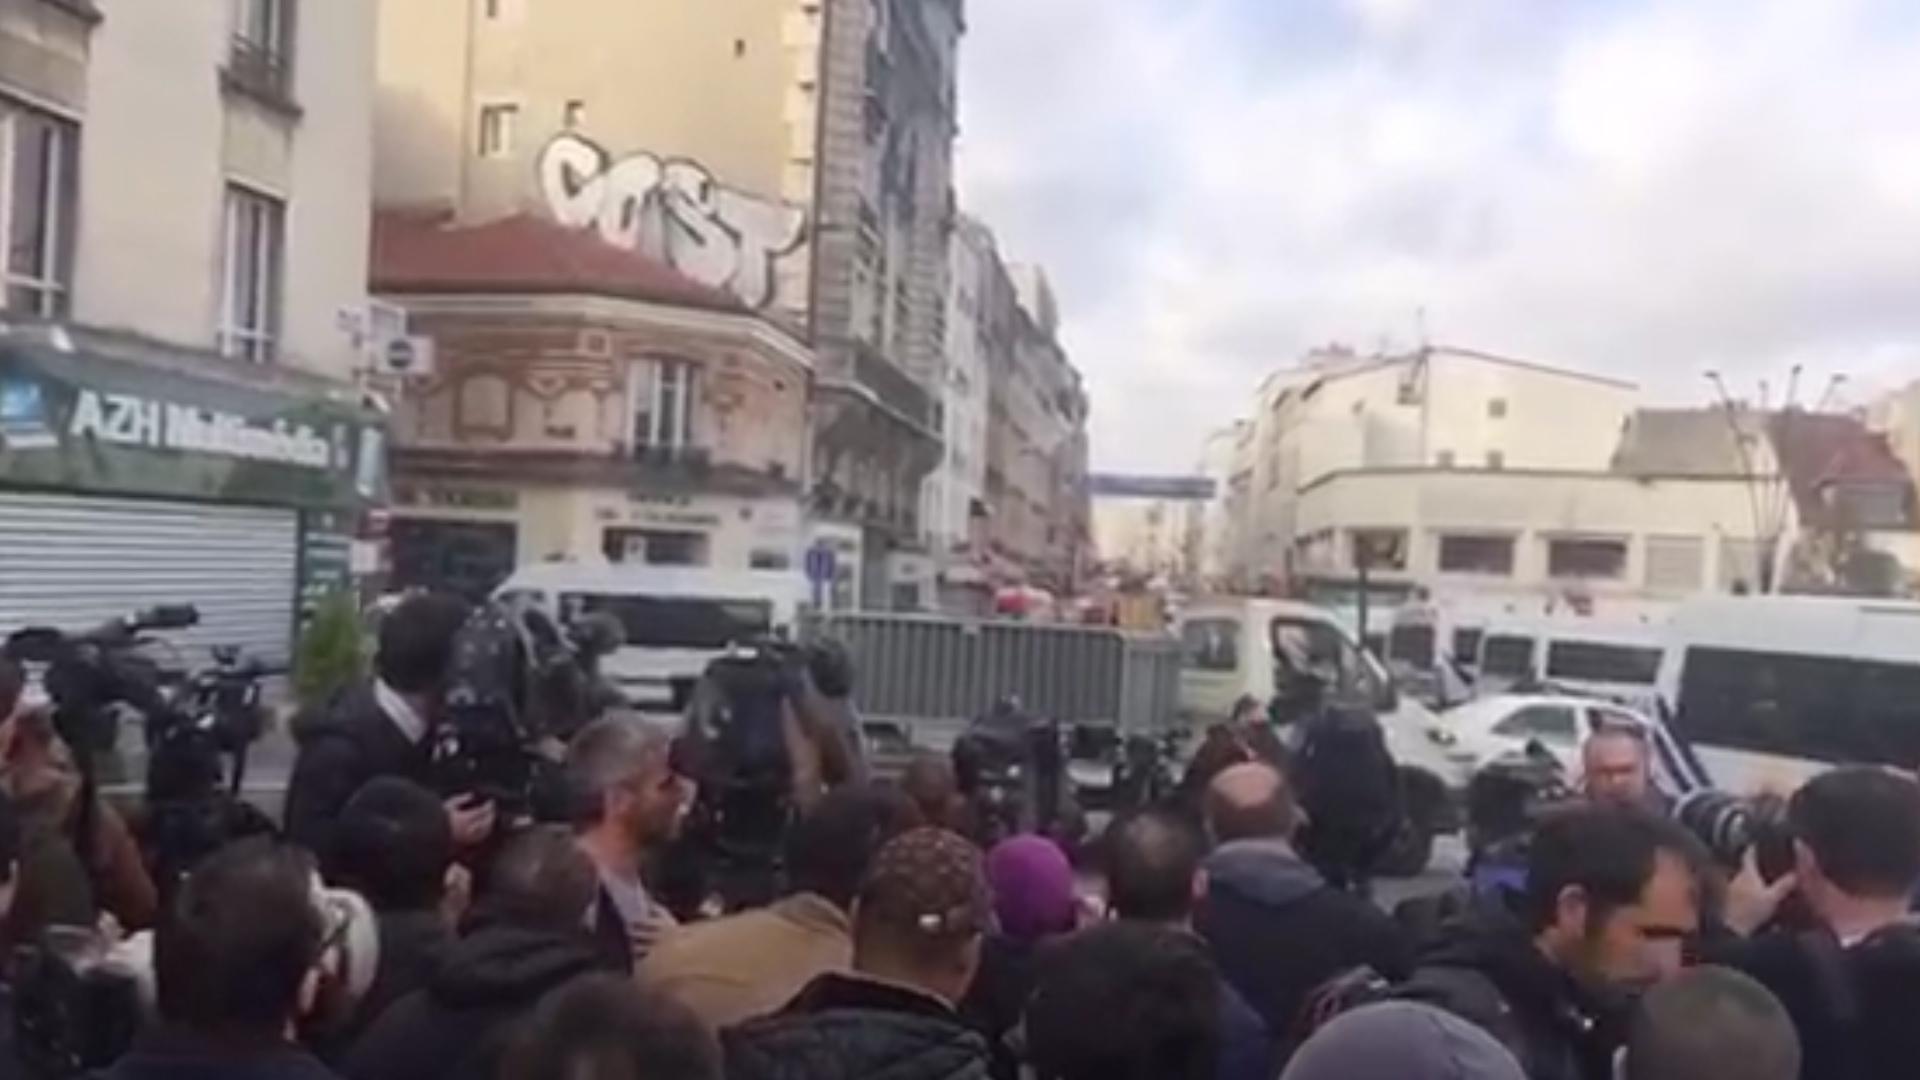 Vídeo: como foi a operação que prendeu sete suspeitos de terrorismo em Paris